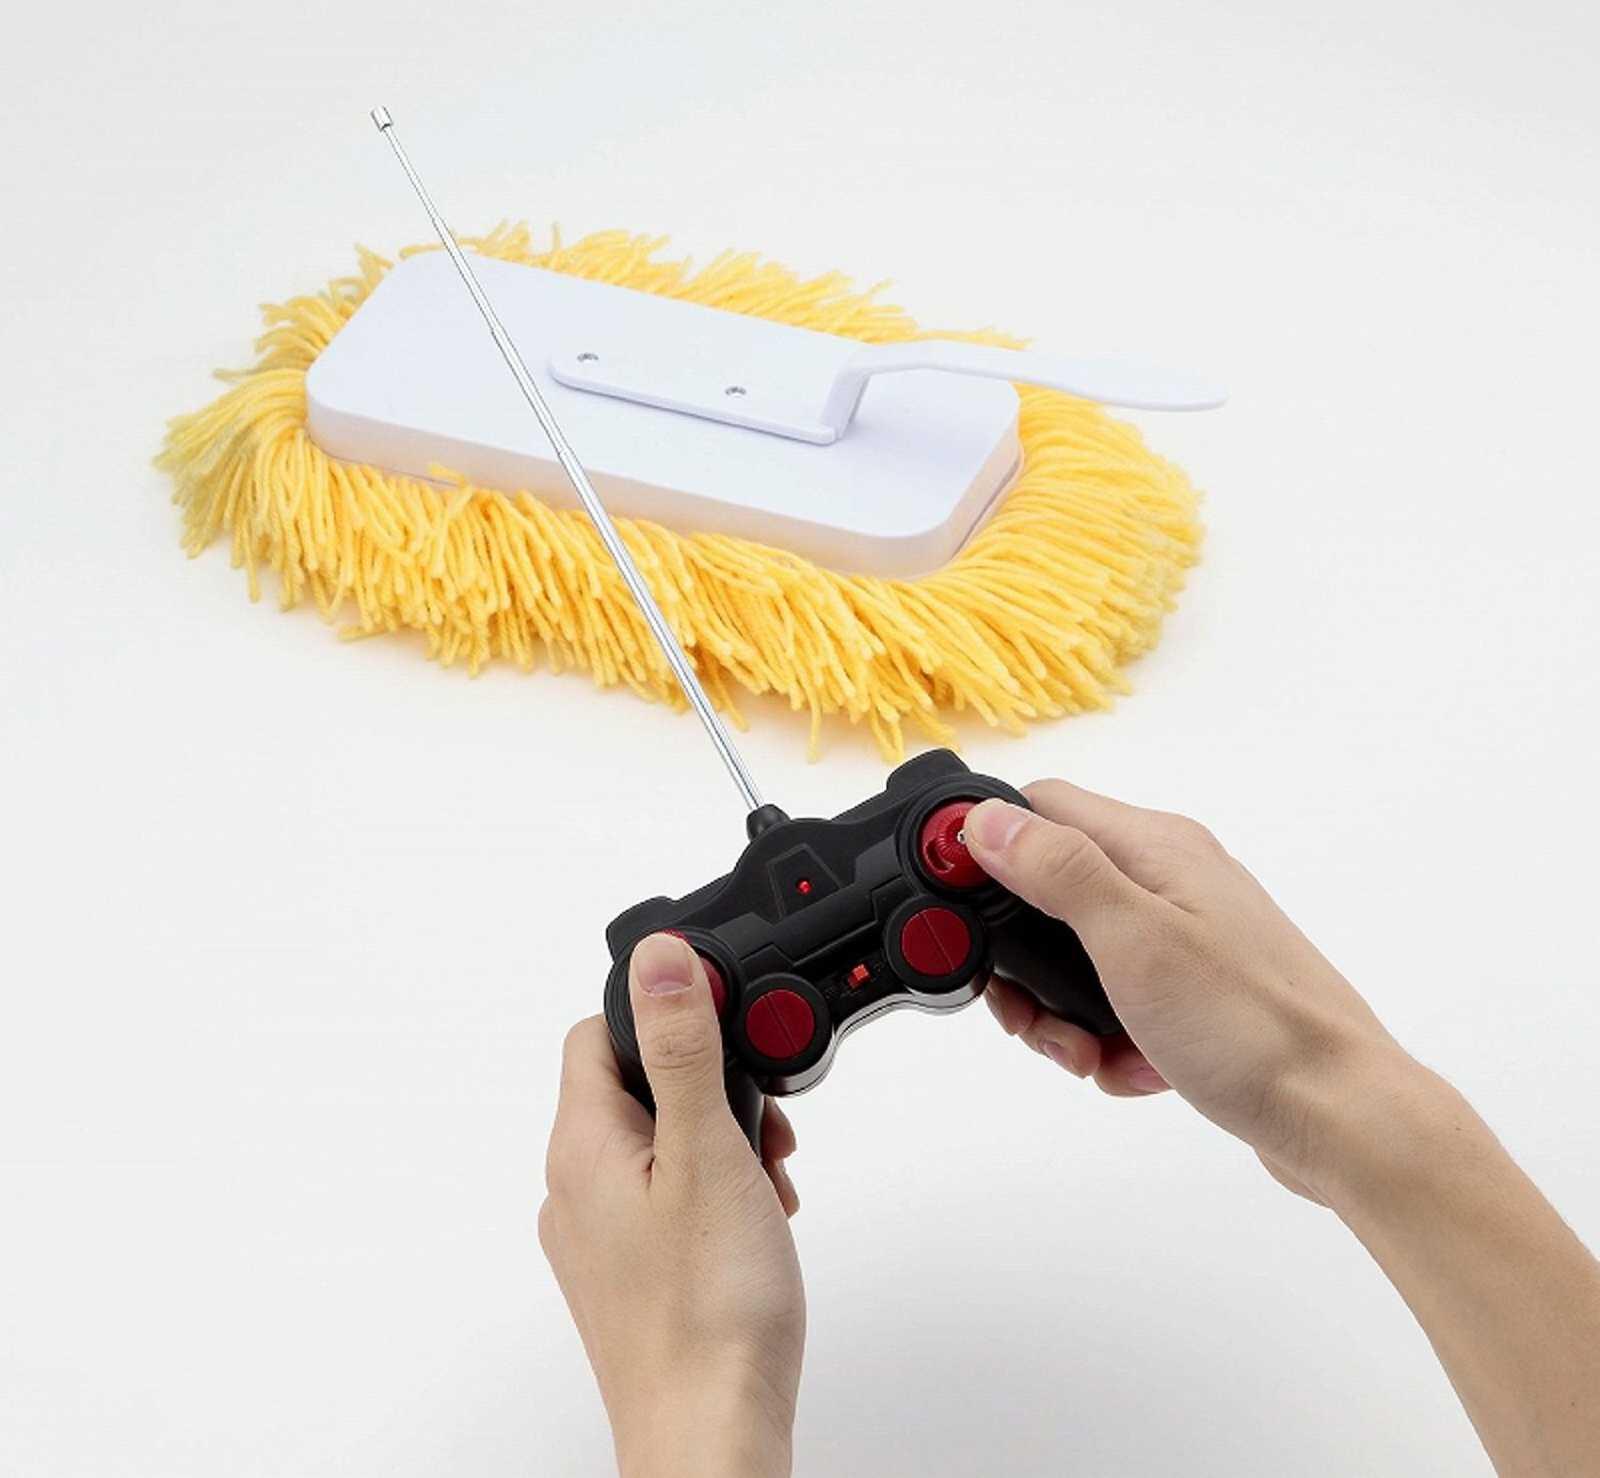 putz gadgets mit diesen hippen helfern macht putzen sogar spa antenne bayern. Black Bedroom Furniture Sets. Home Design Ideas